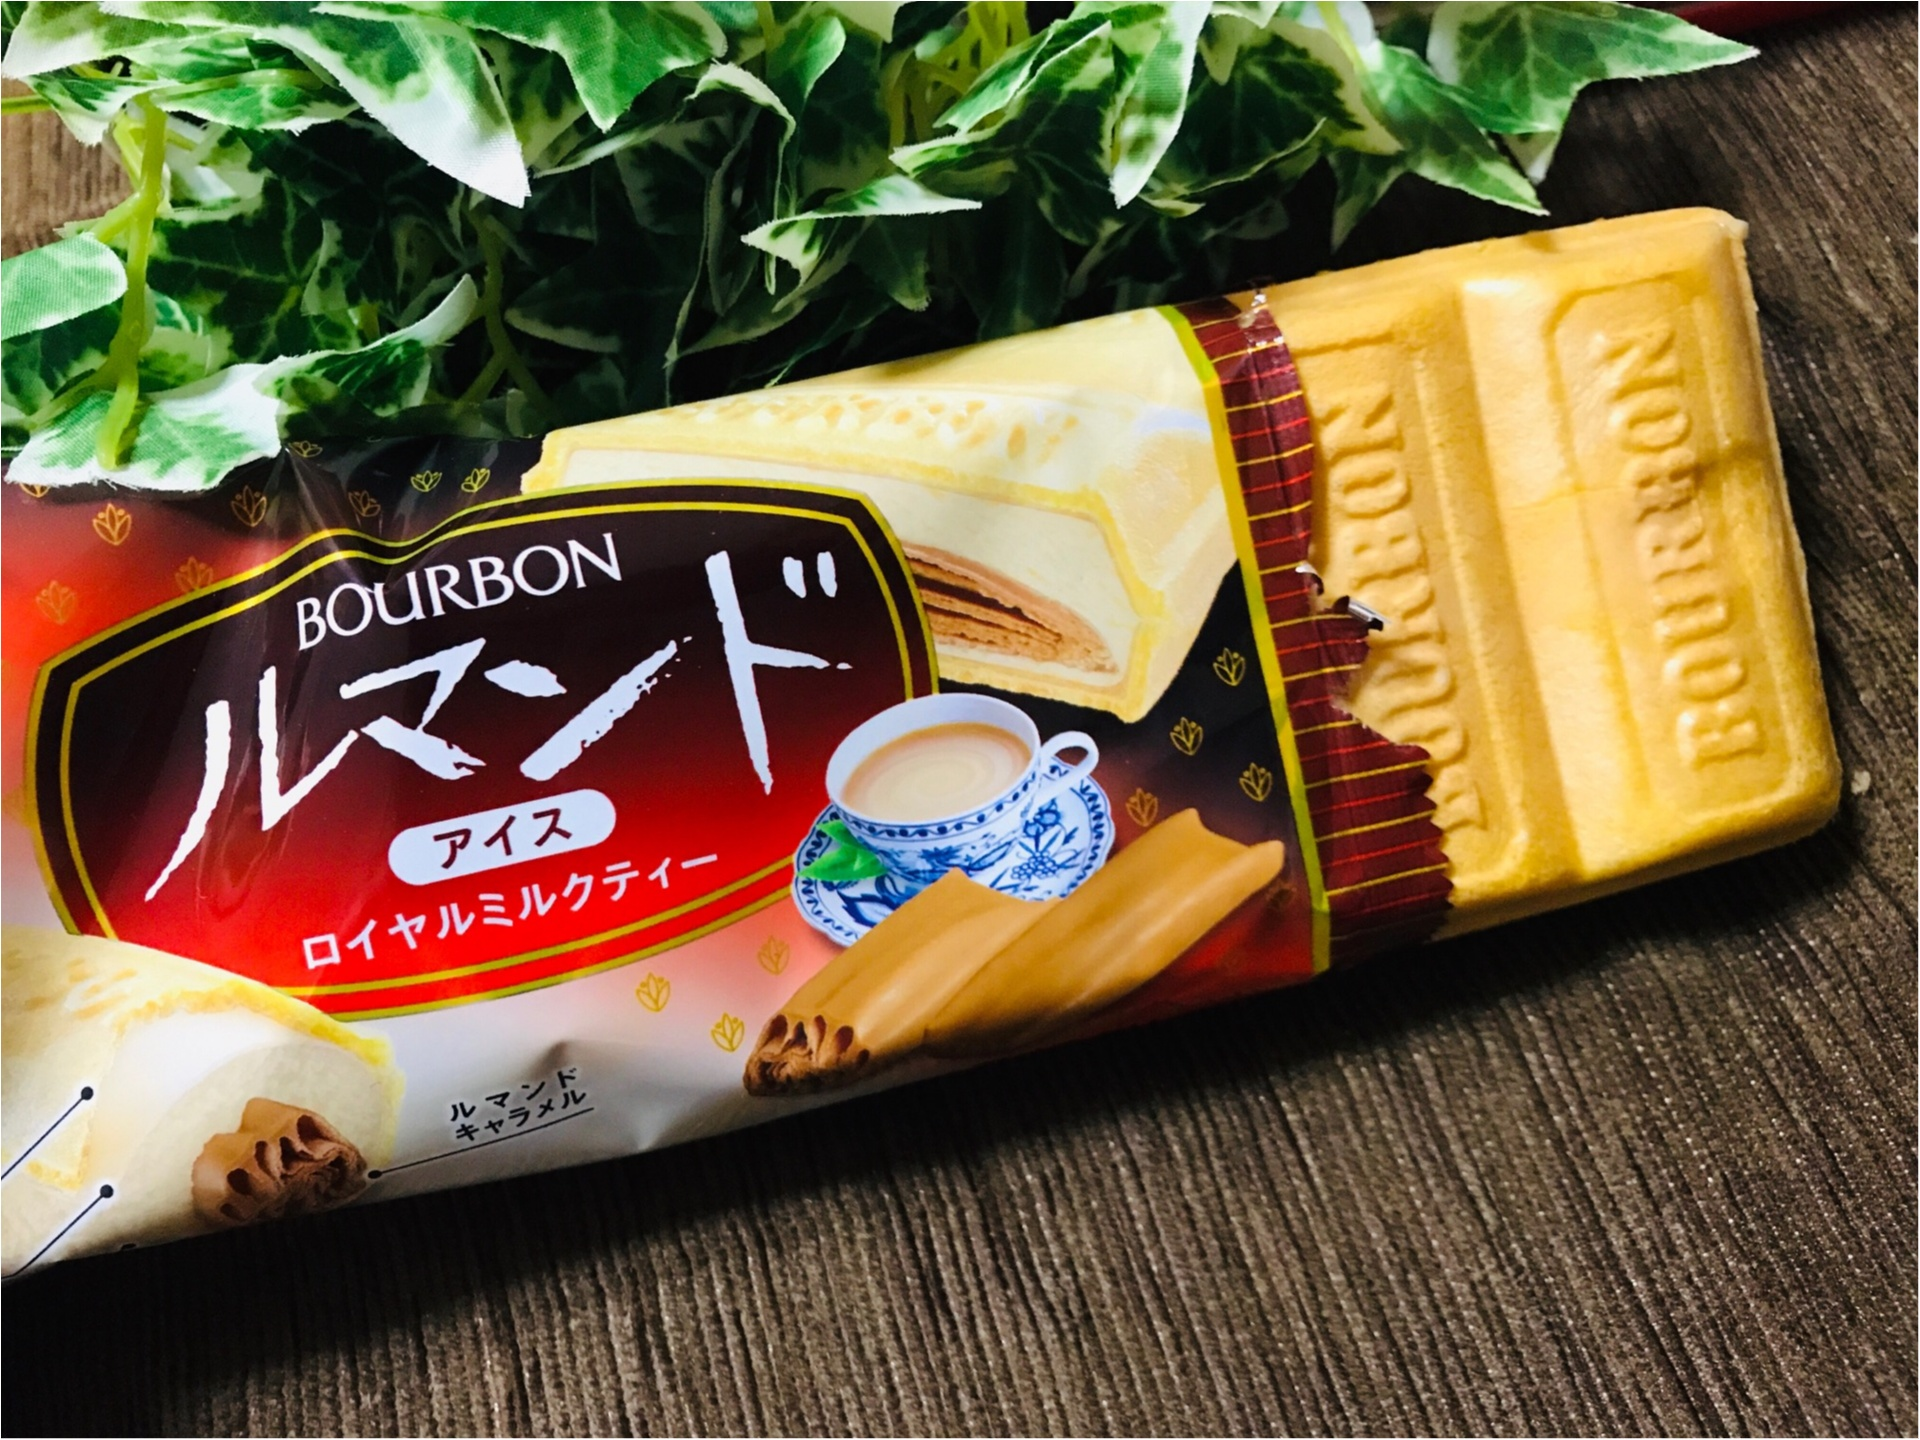 【ルマンドアイス】ついに関東に上陸!《ロイヤルミルクティ味》が前作超えの美味しさ❤︎_2